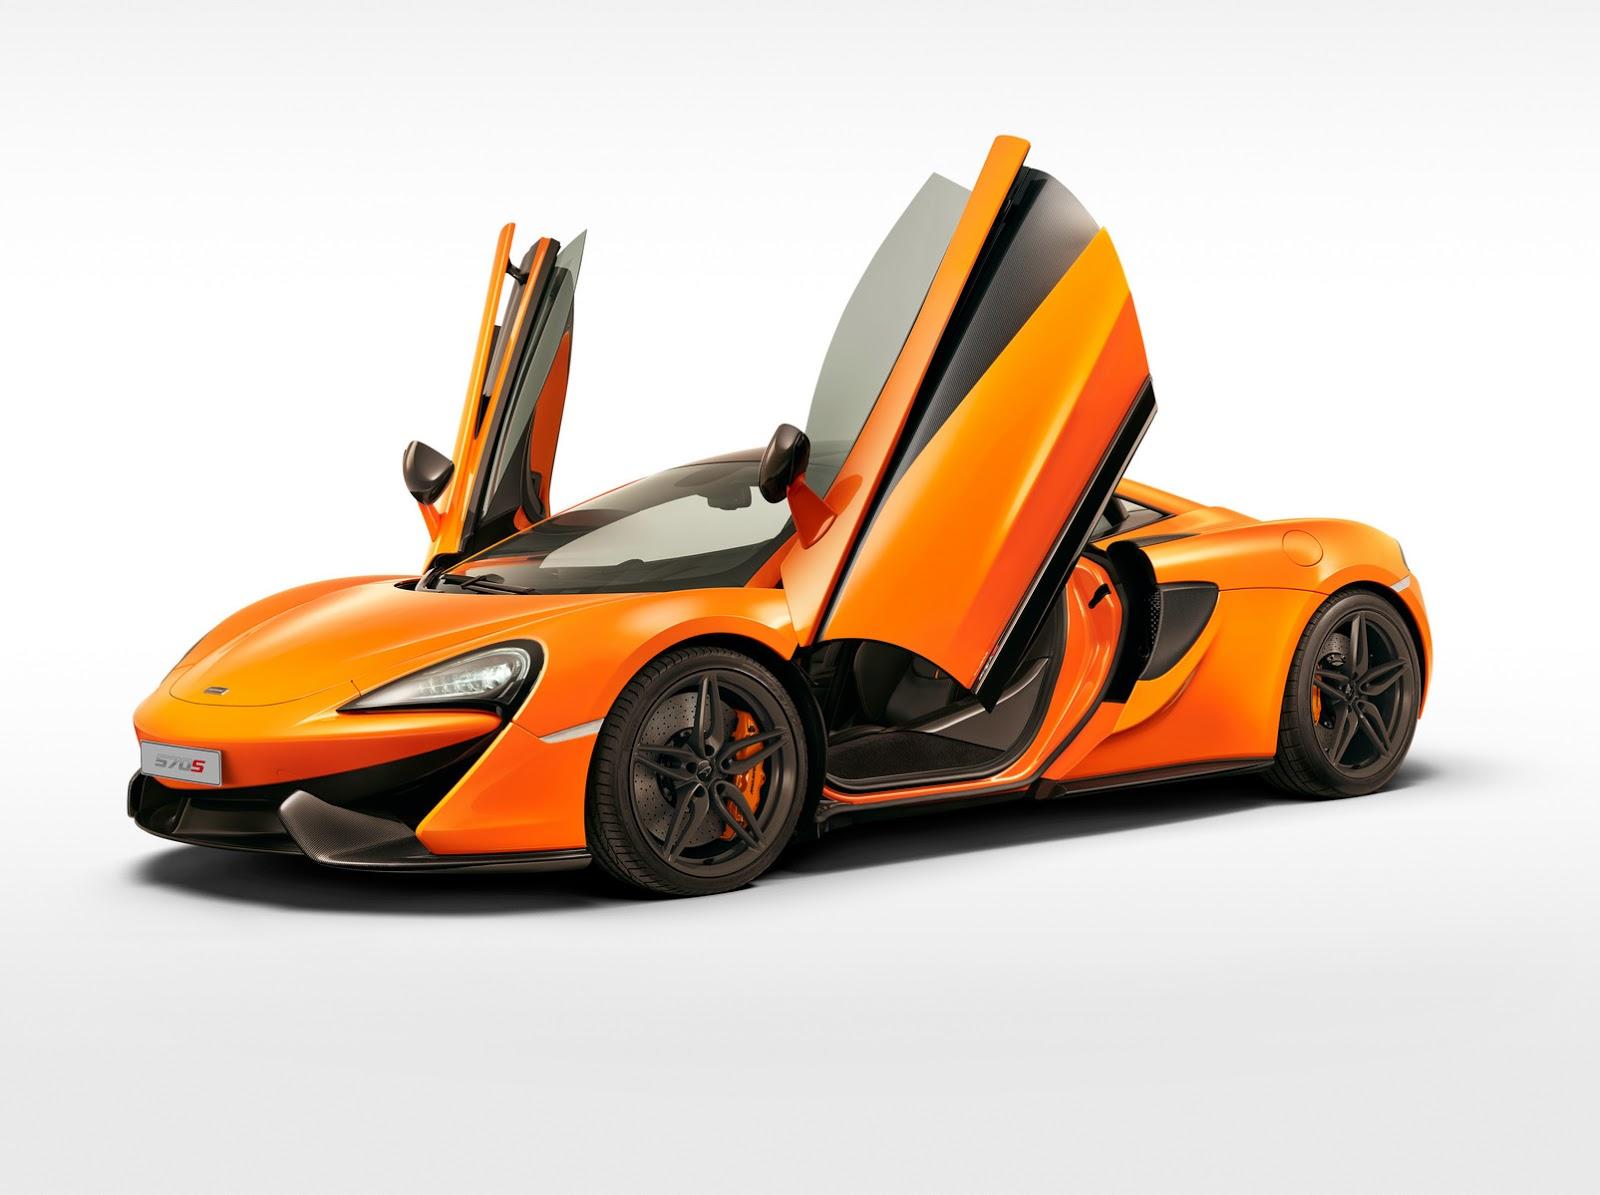 McLaren-570S-7.jpeg